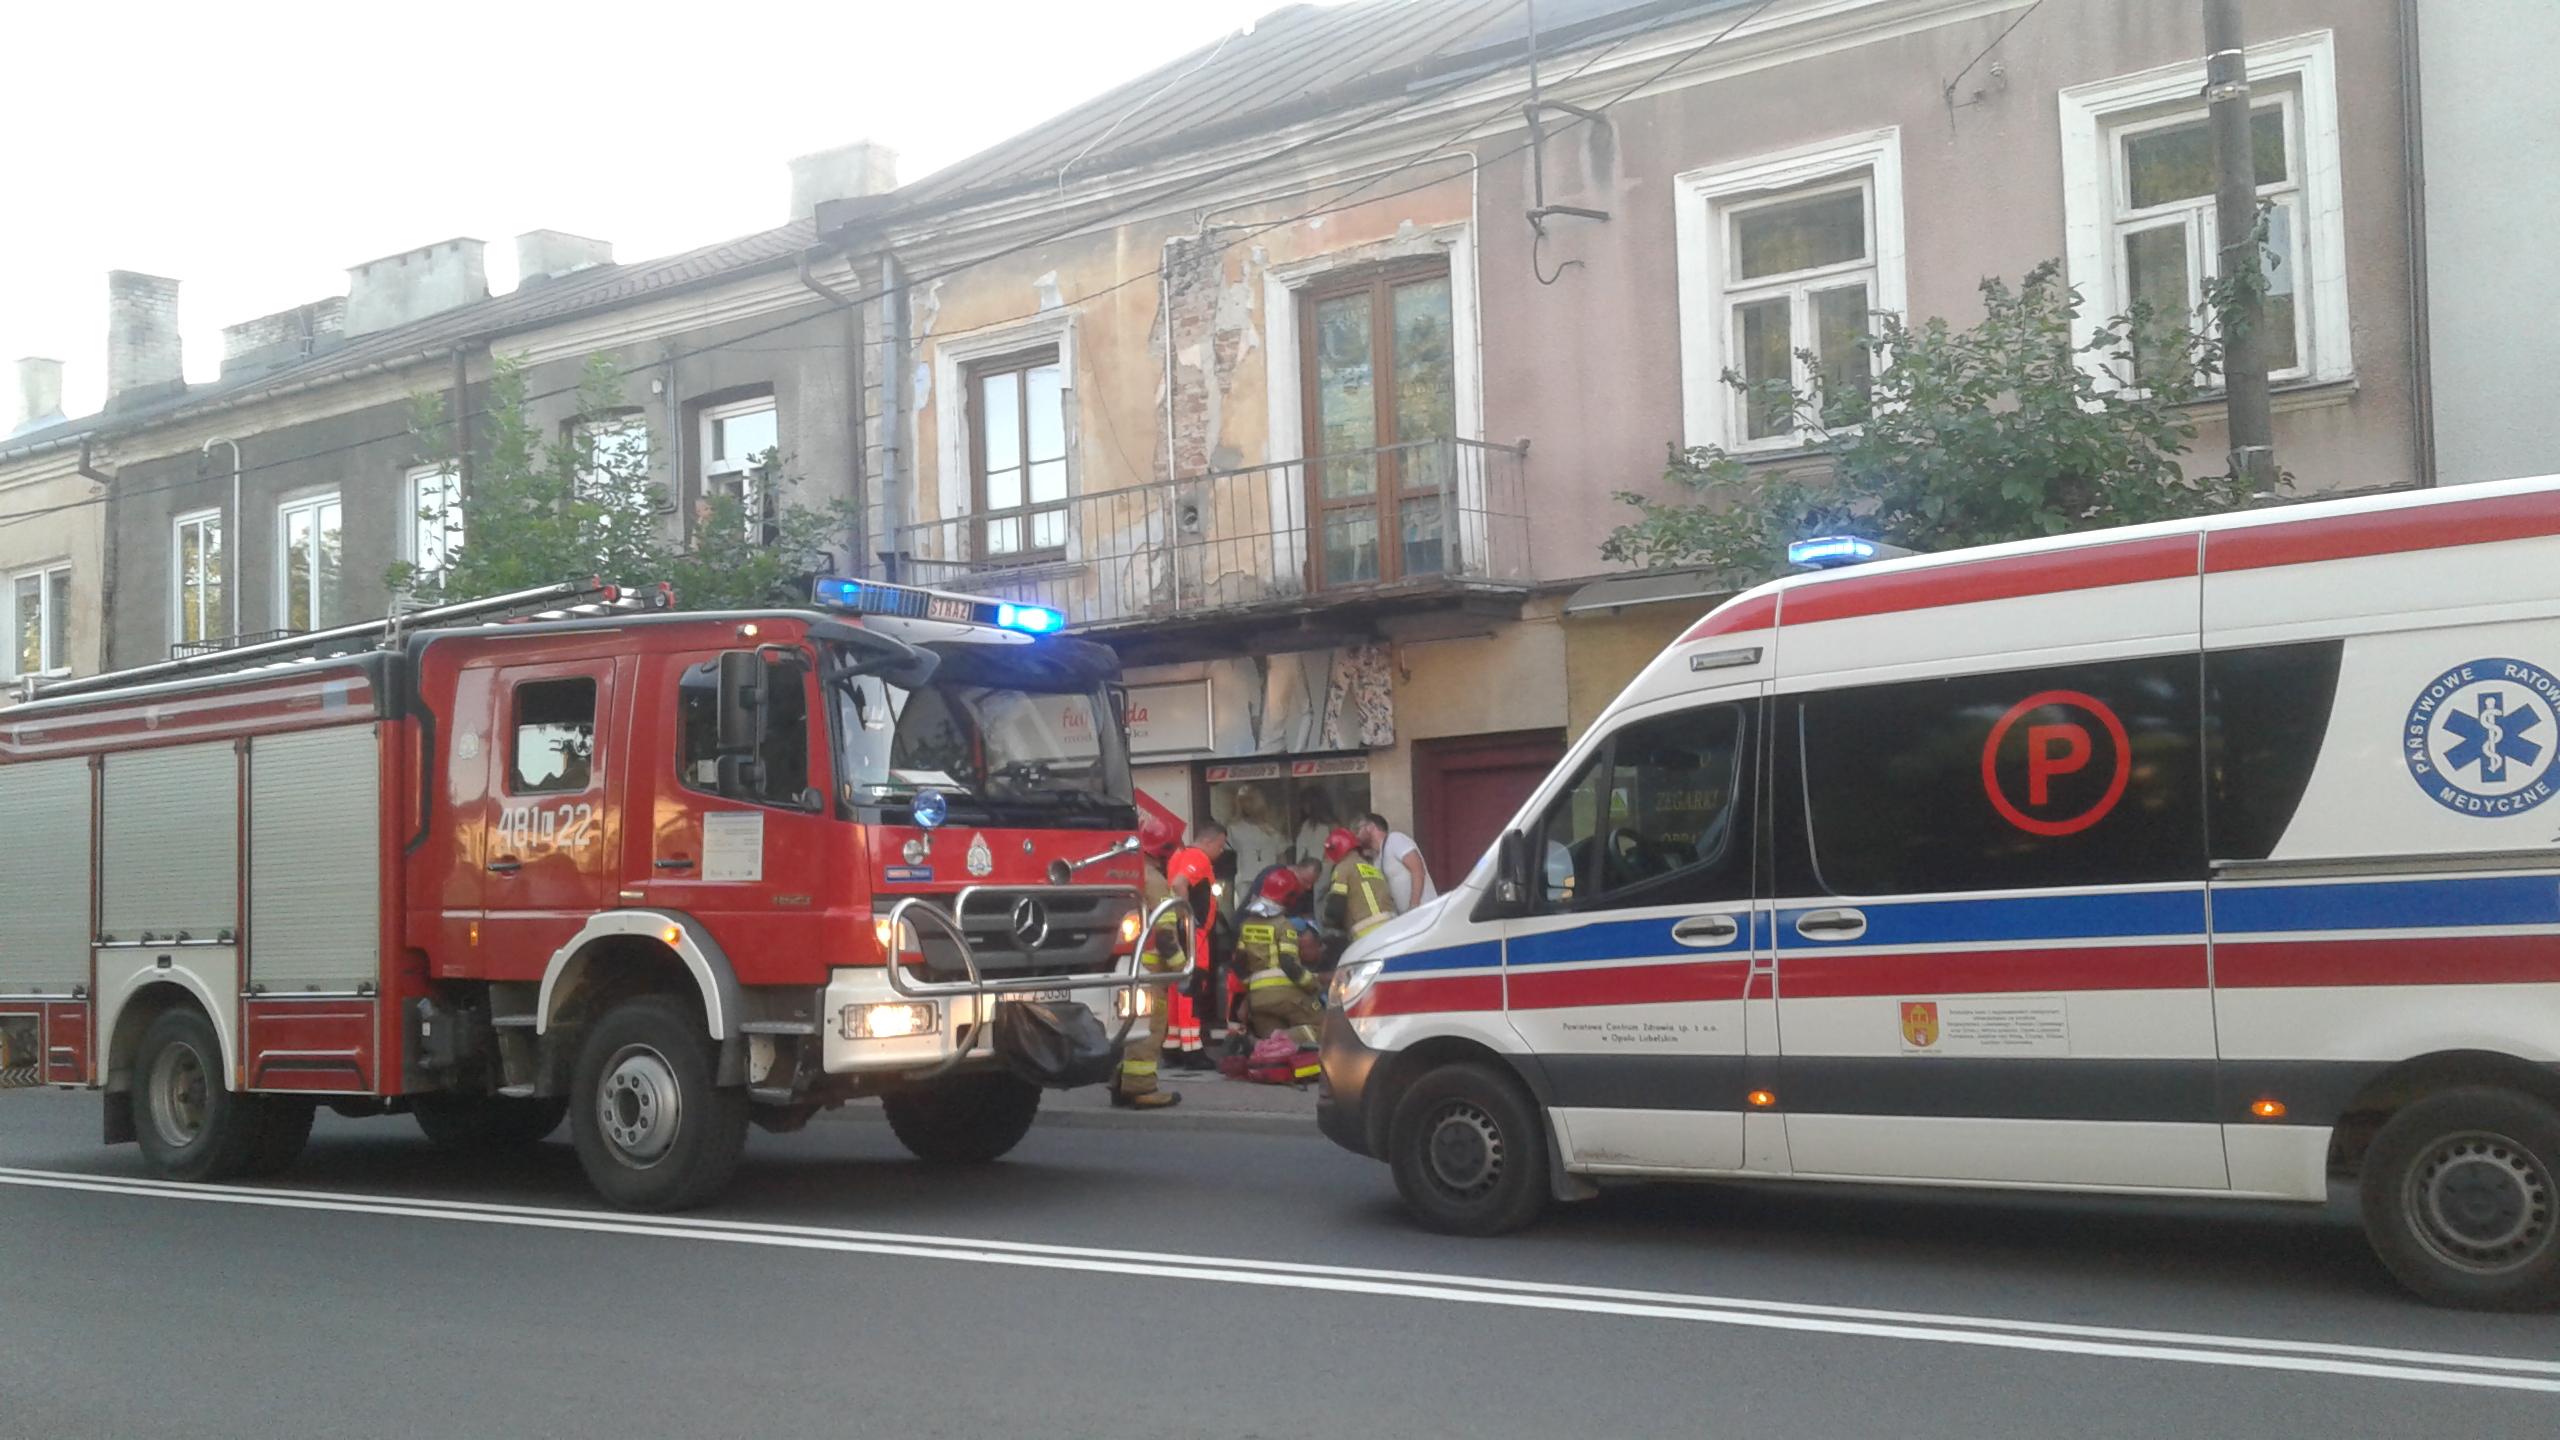 Opole Lubelskie: Rowerzysta potrącony w centrum miasta (ZDJĘCIA) - Zdjęcie główne